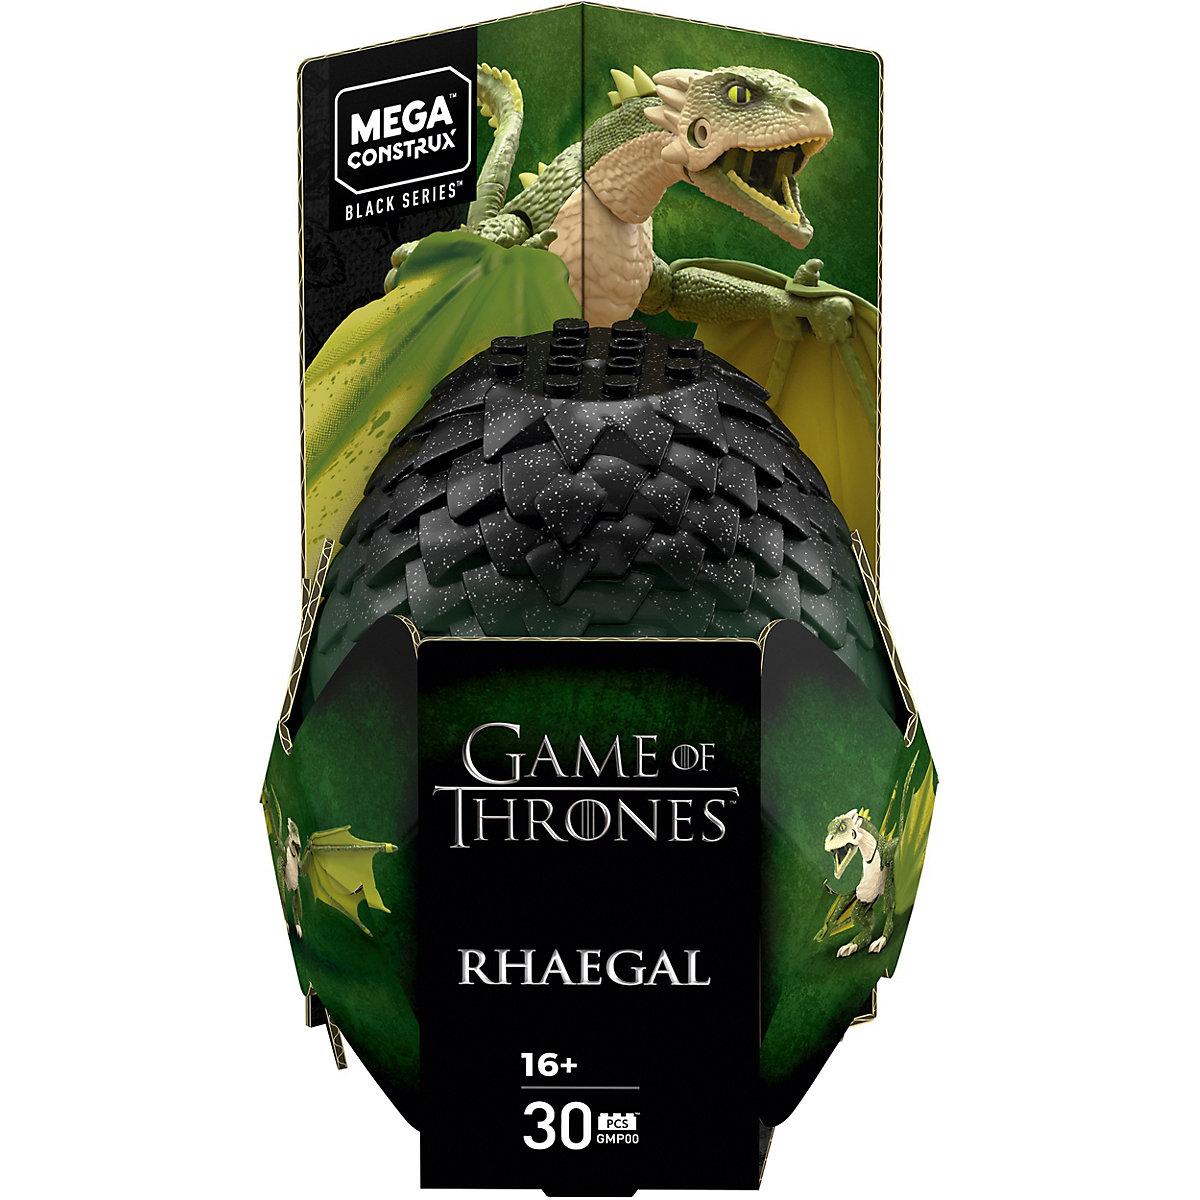 Mega Construx Probuilder Game of Thrones Dragon Rhaegal Game of Thrones zAAfu